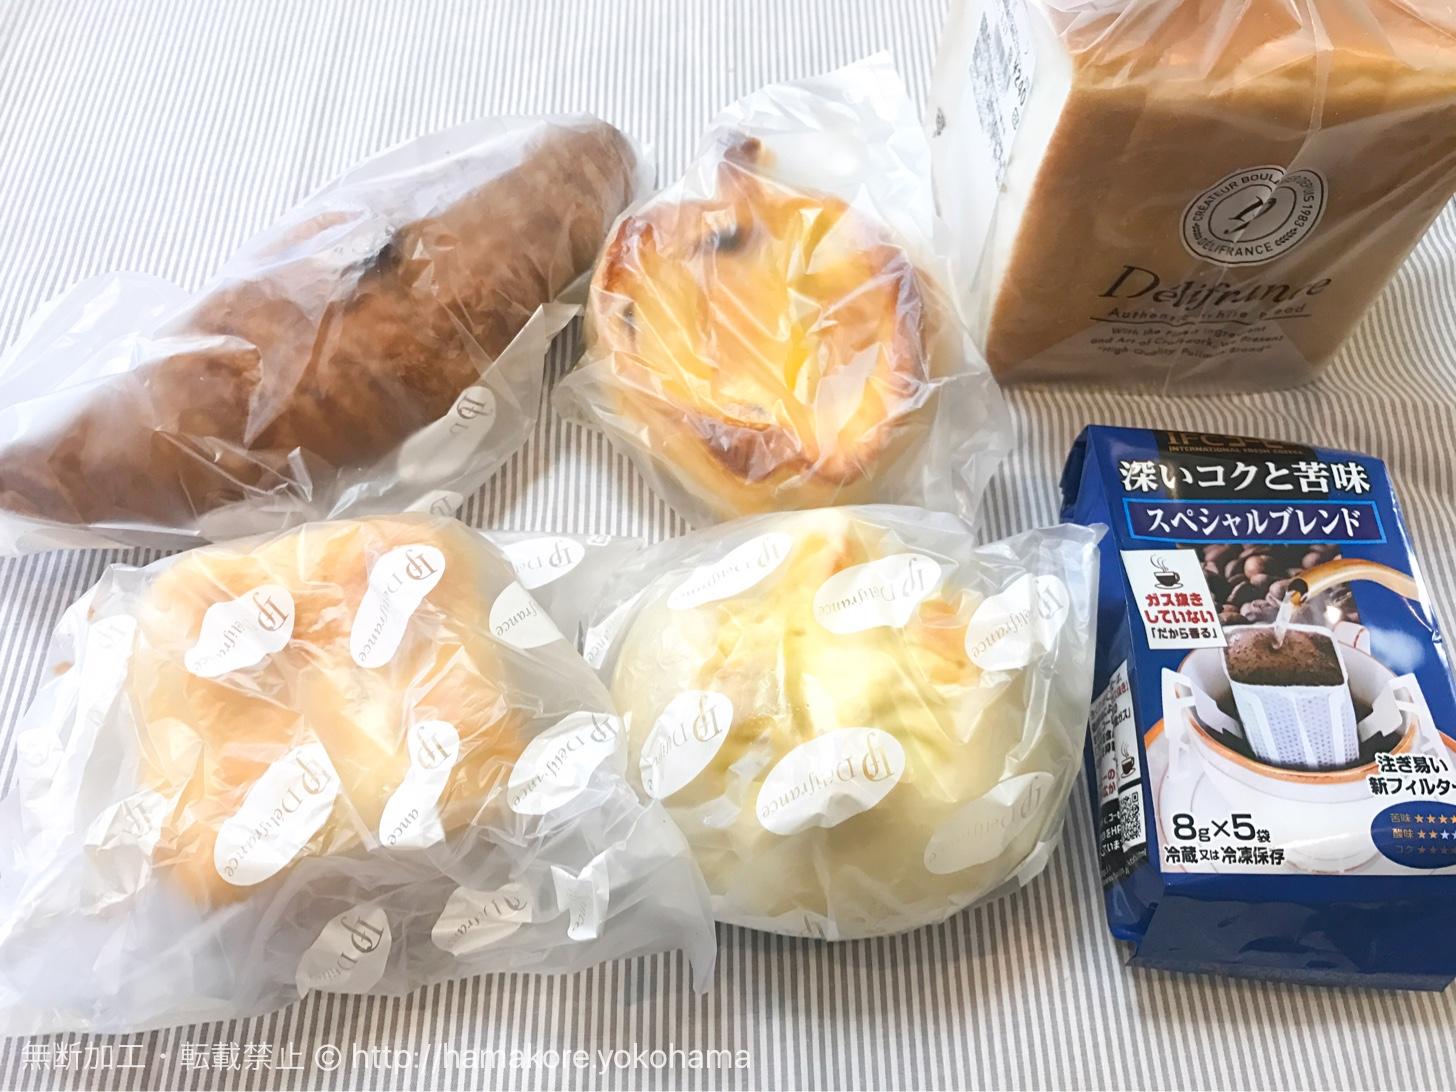 クロワッサン、りんごパイ、ハニー&チーズ、チーズ・チーズ、食パン一斤、ドリップコーヒー、300円のお買い物券